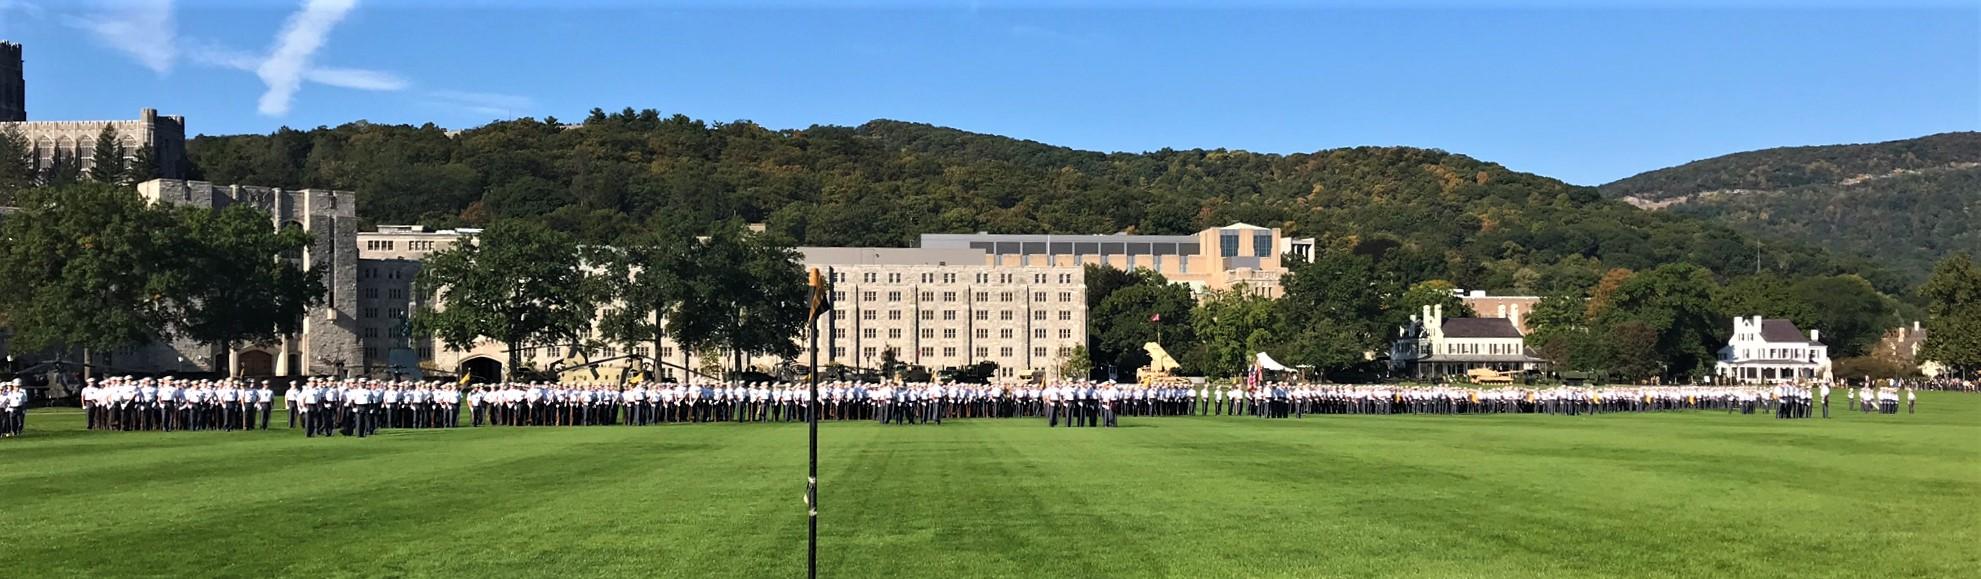 11 Parade Line view